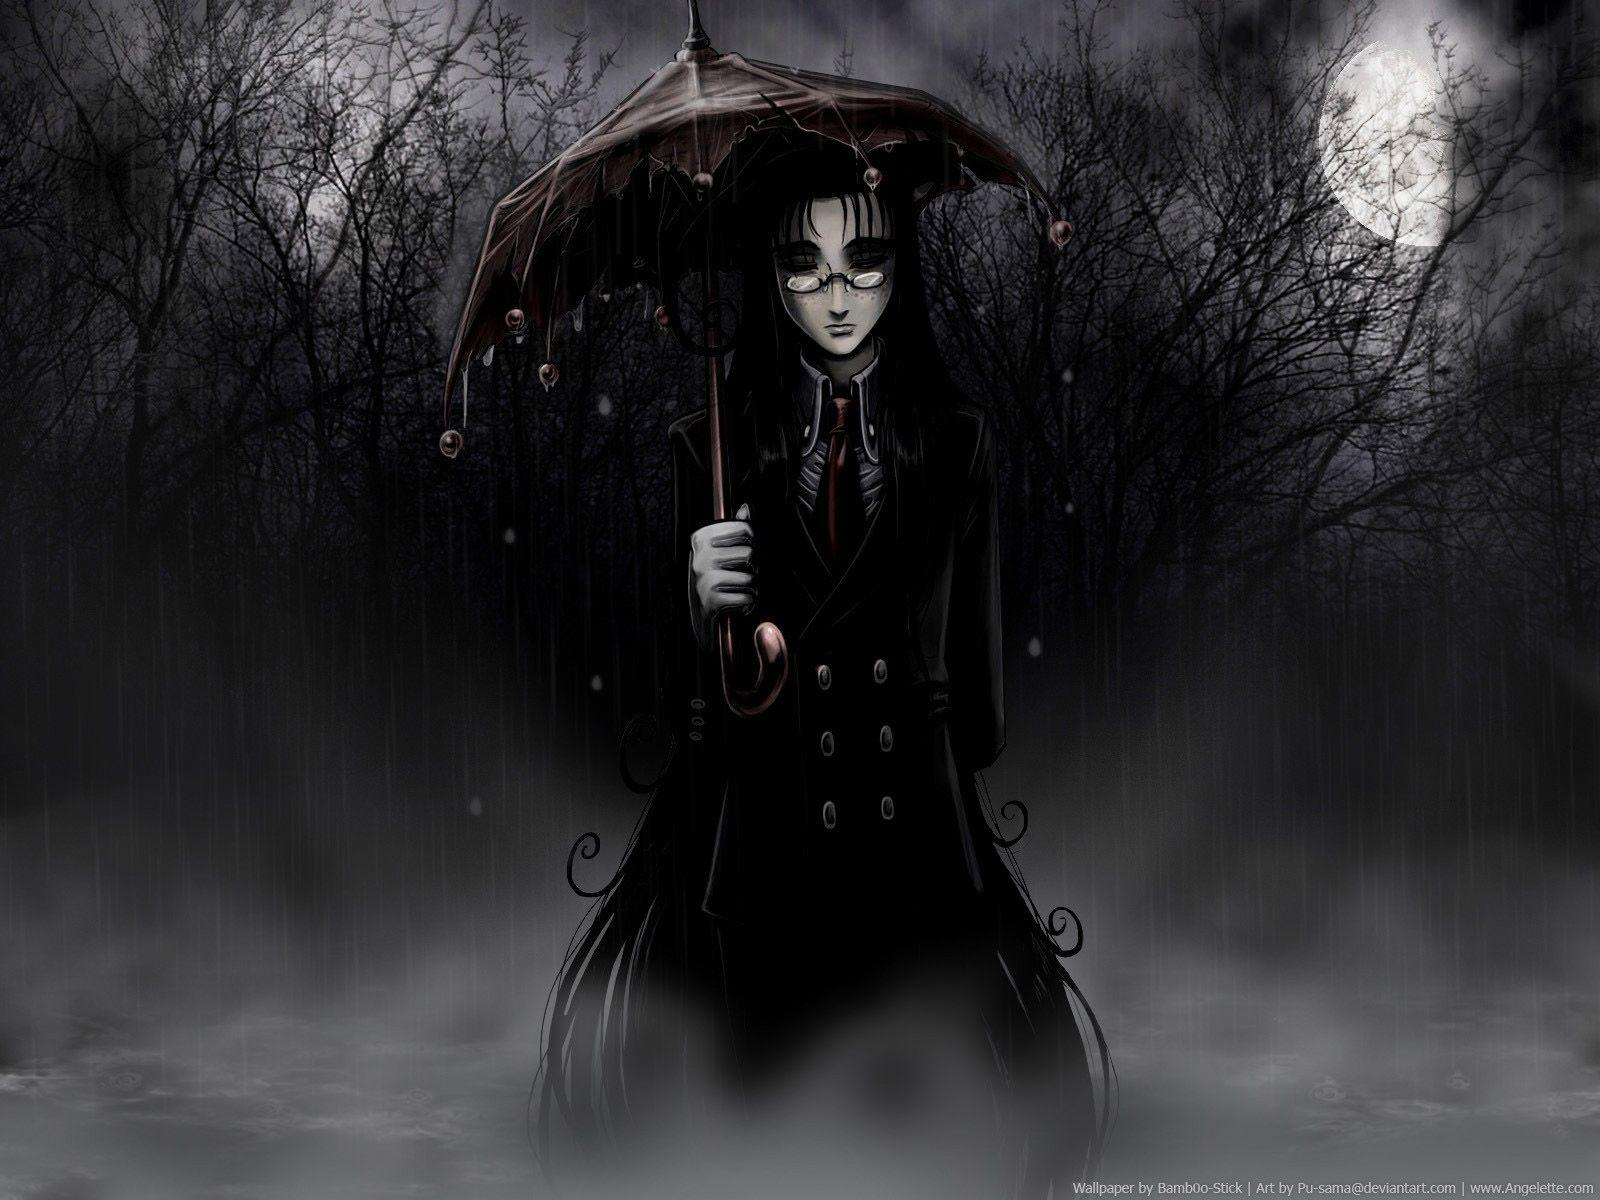 http://3.bp.blogspot.com/-Smsk9B7W-mo/TaR-kXw_DGI/AAAAAAAAADI/wapOpdbKlo4/s1600/rainy-gothic-anime-wallpaper-936114.jpeg